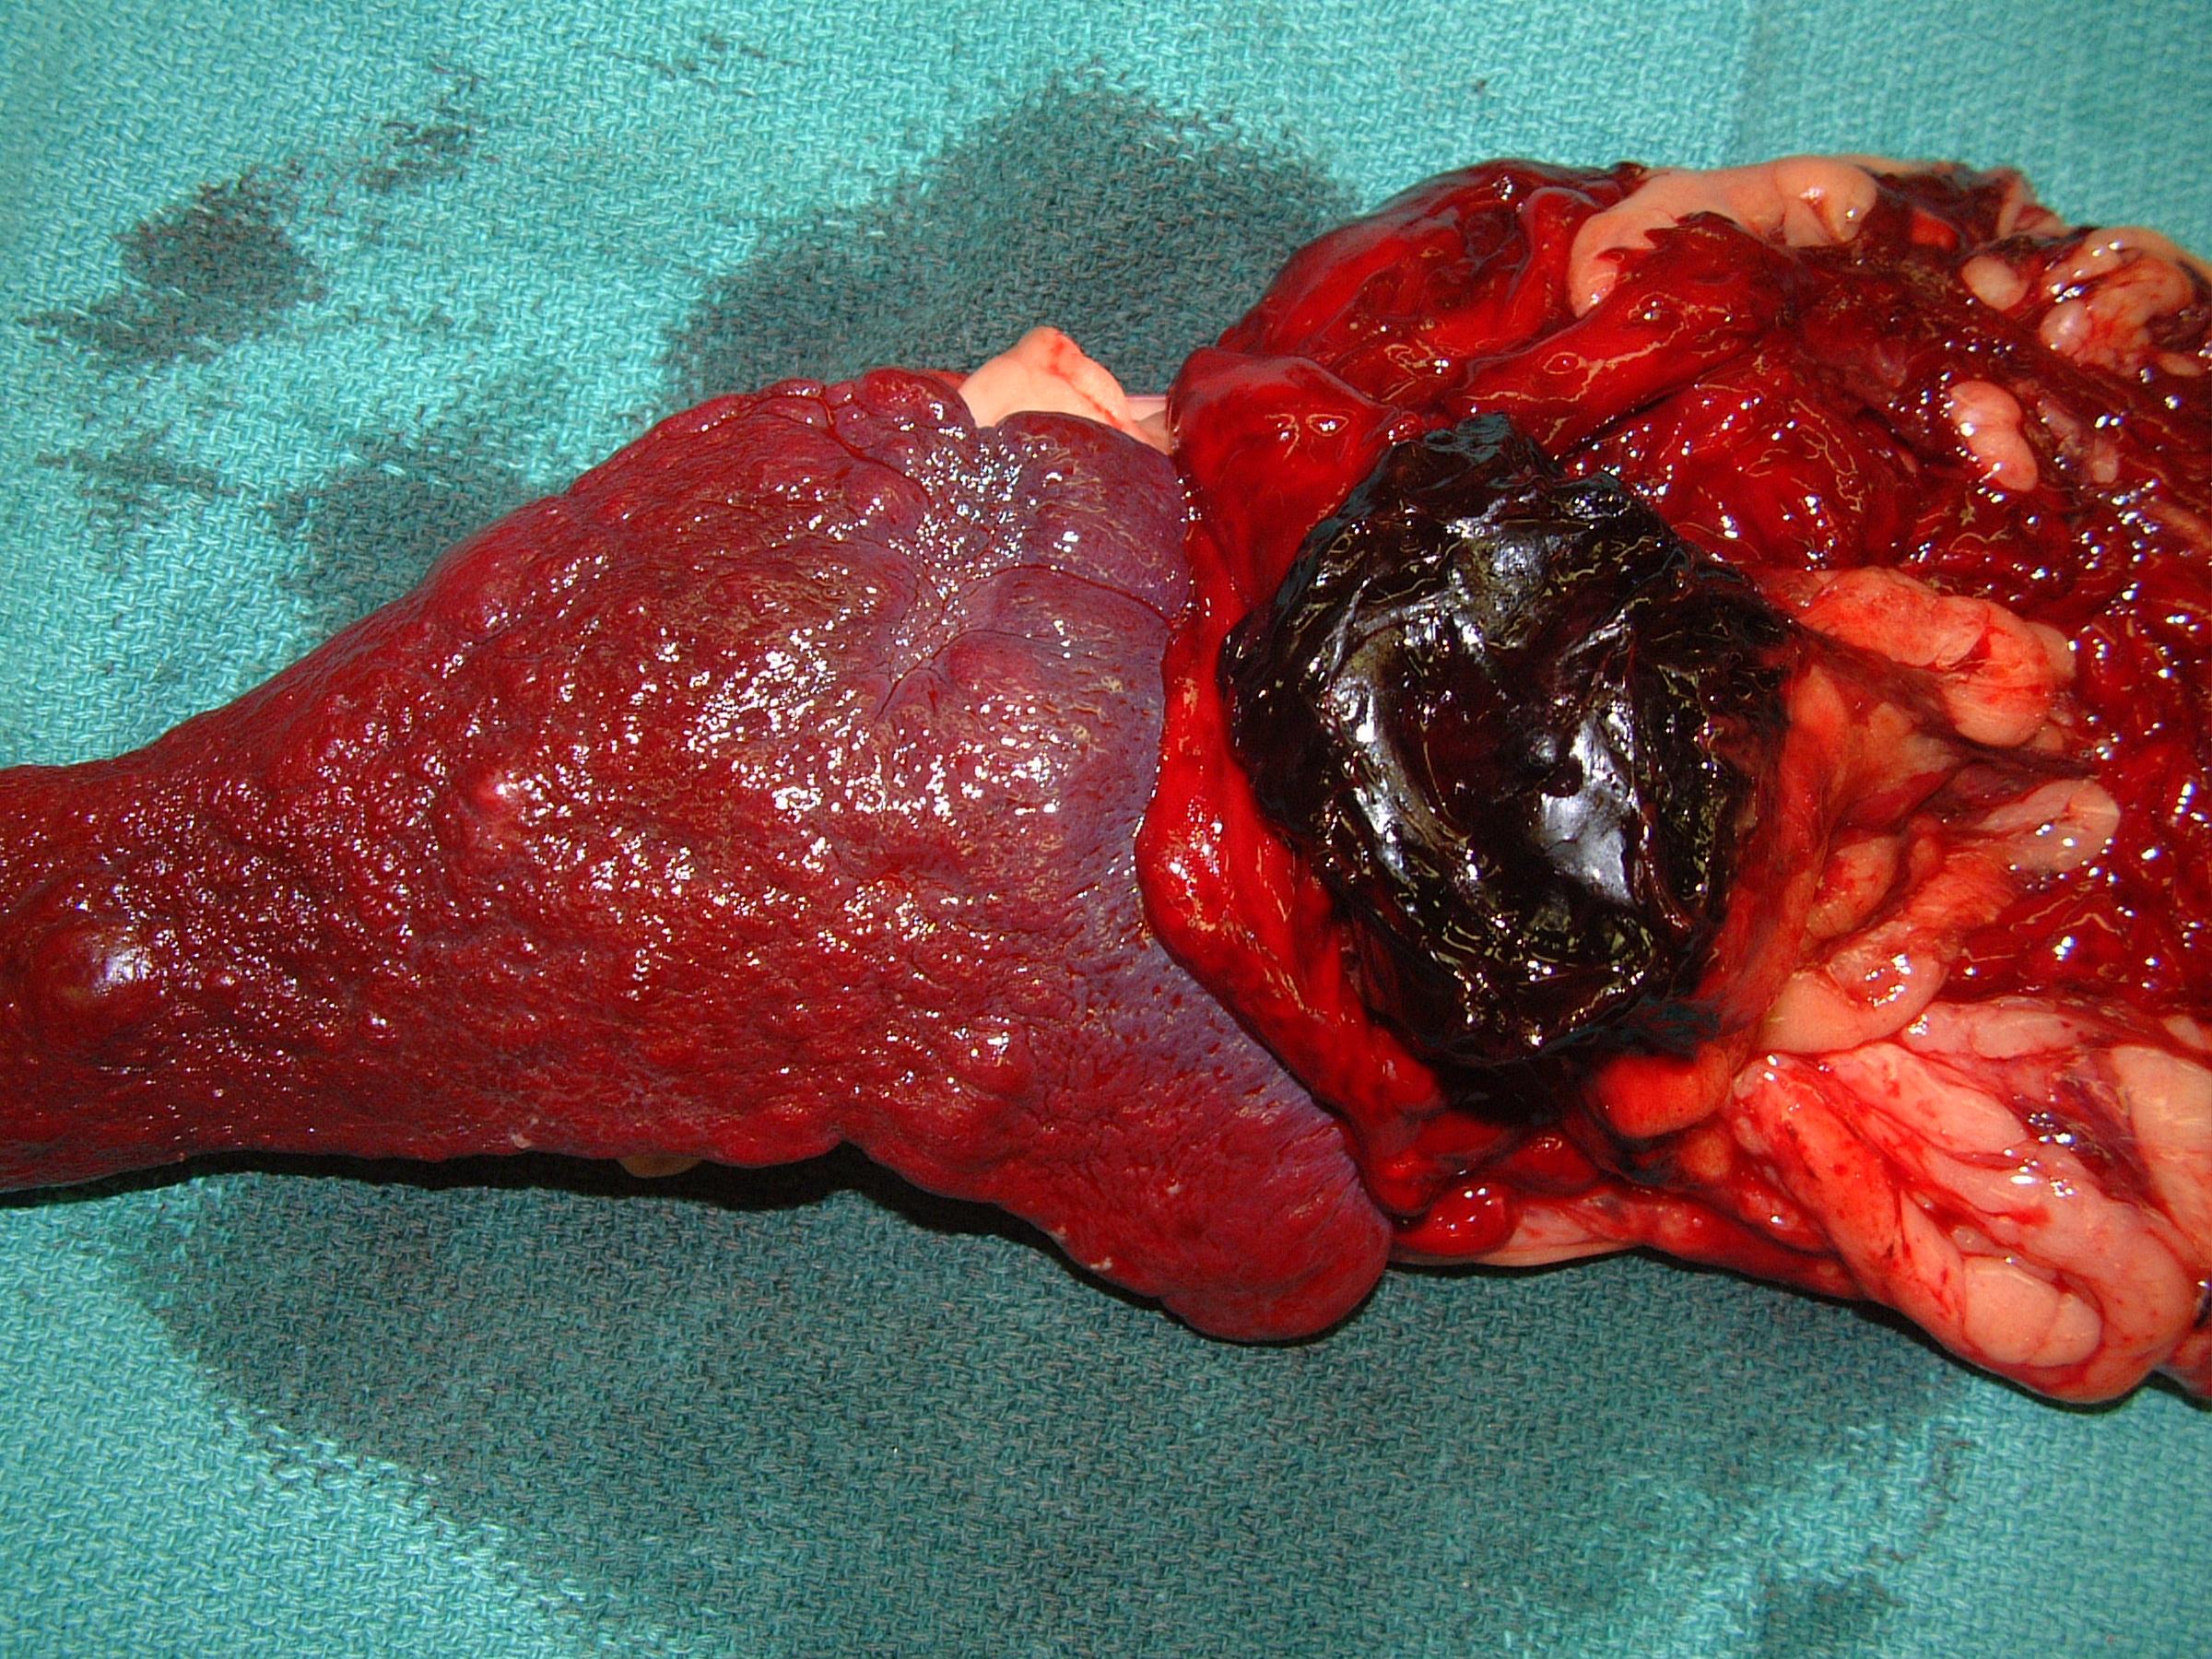 spleen HSA 017 postop gross 206731.jpg